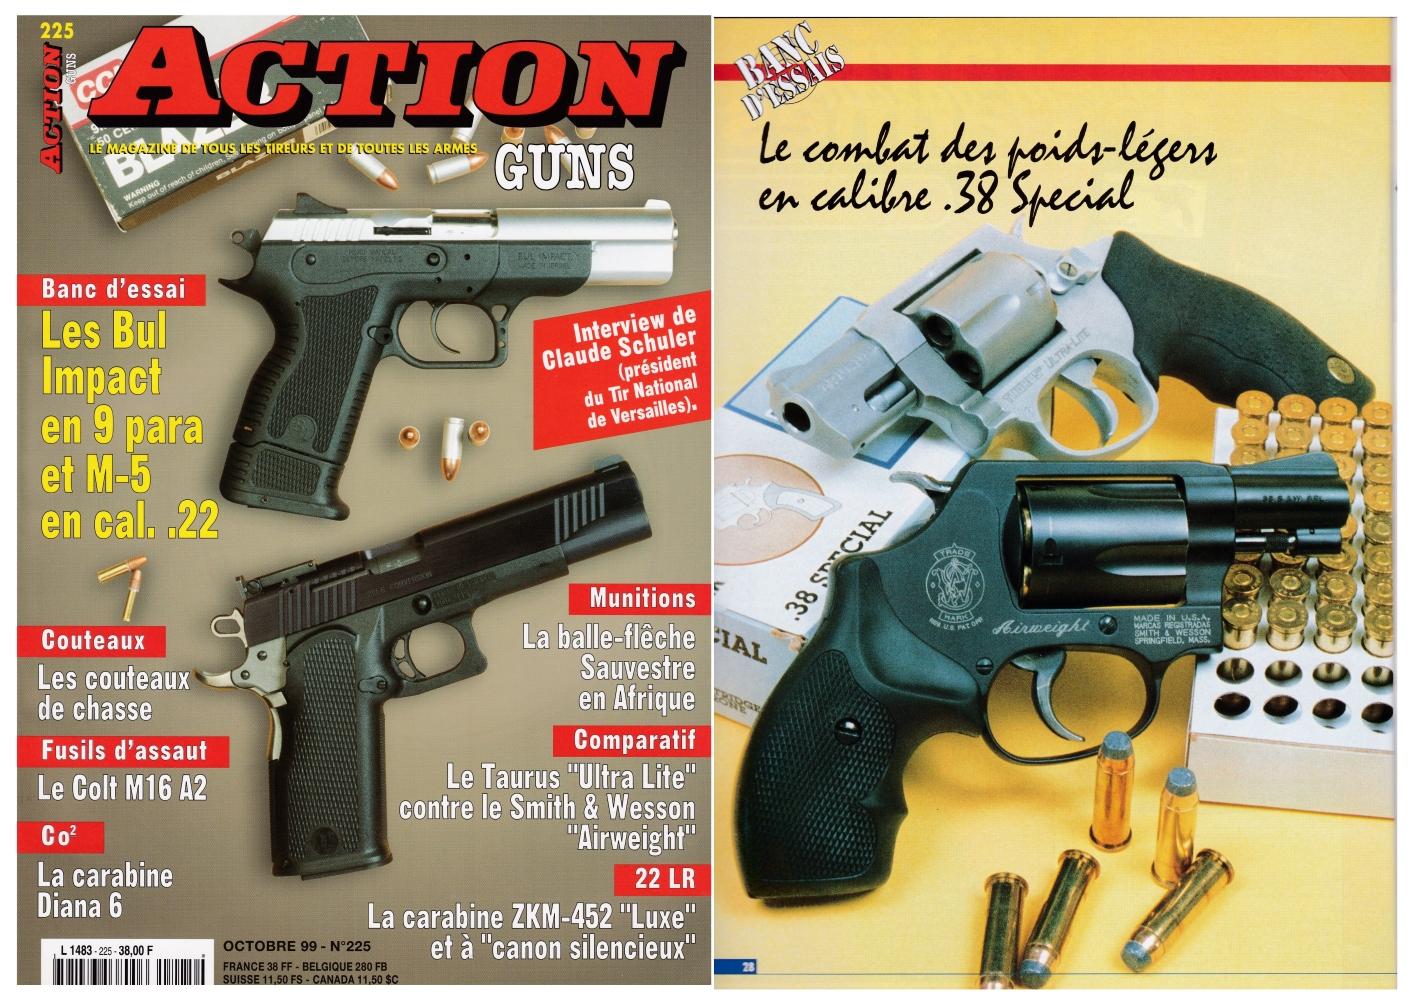 Le banc d'essai des revolvers Taurus « Ultra-Lite » vs Smith & Wesson « Airweight » a été publié sur 6 pages dans le magazine Action Guns n°225 (octobre 1999)